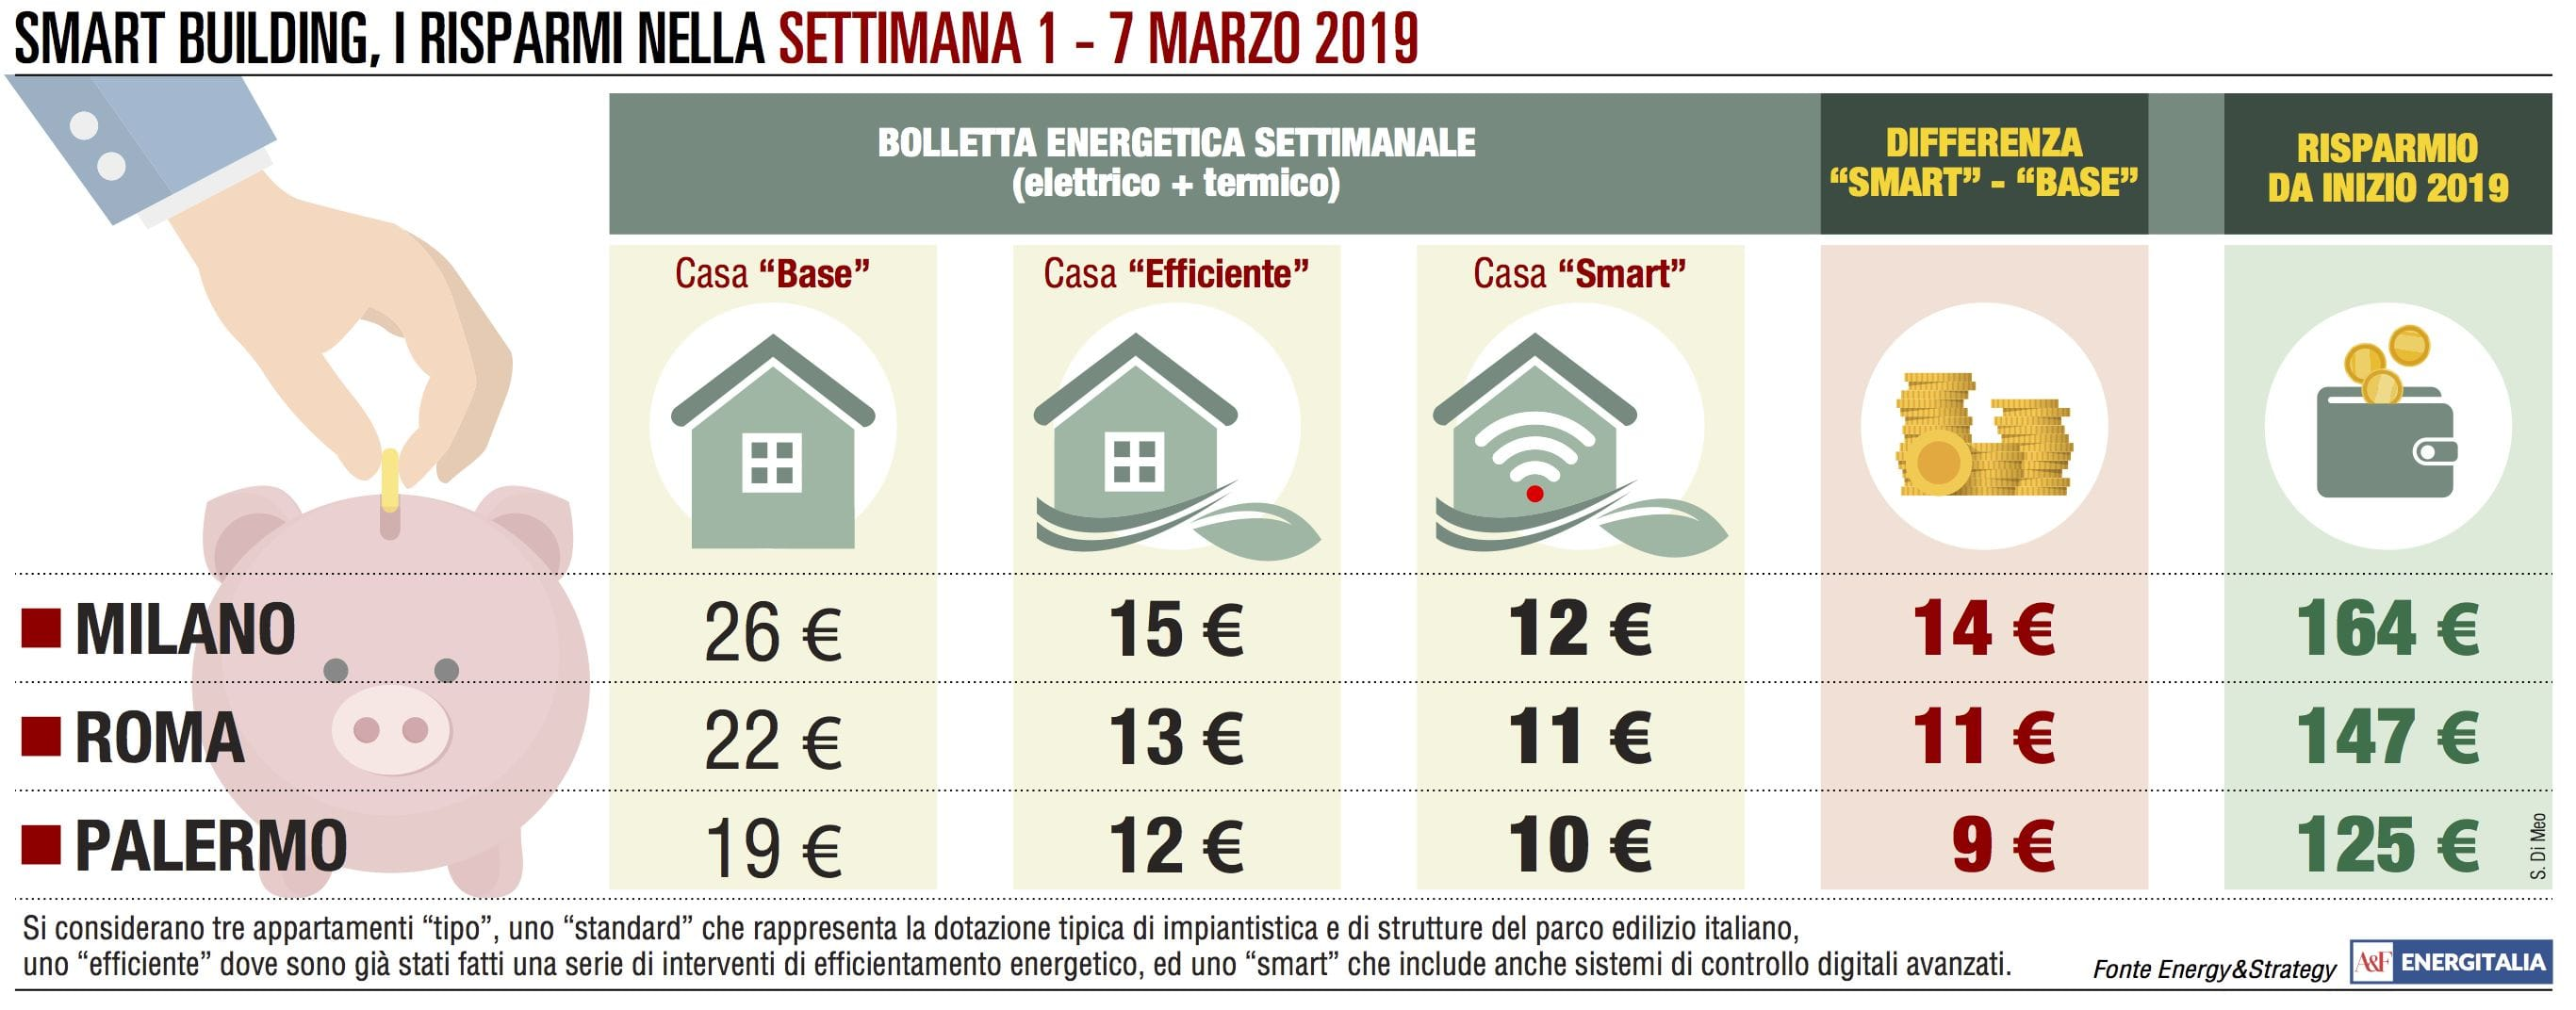 Spesa energetica a due velocità: Roma e Palermo giù, Milano stabile